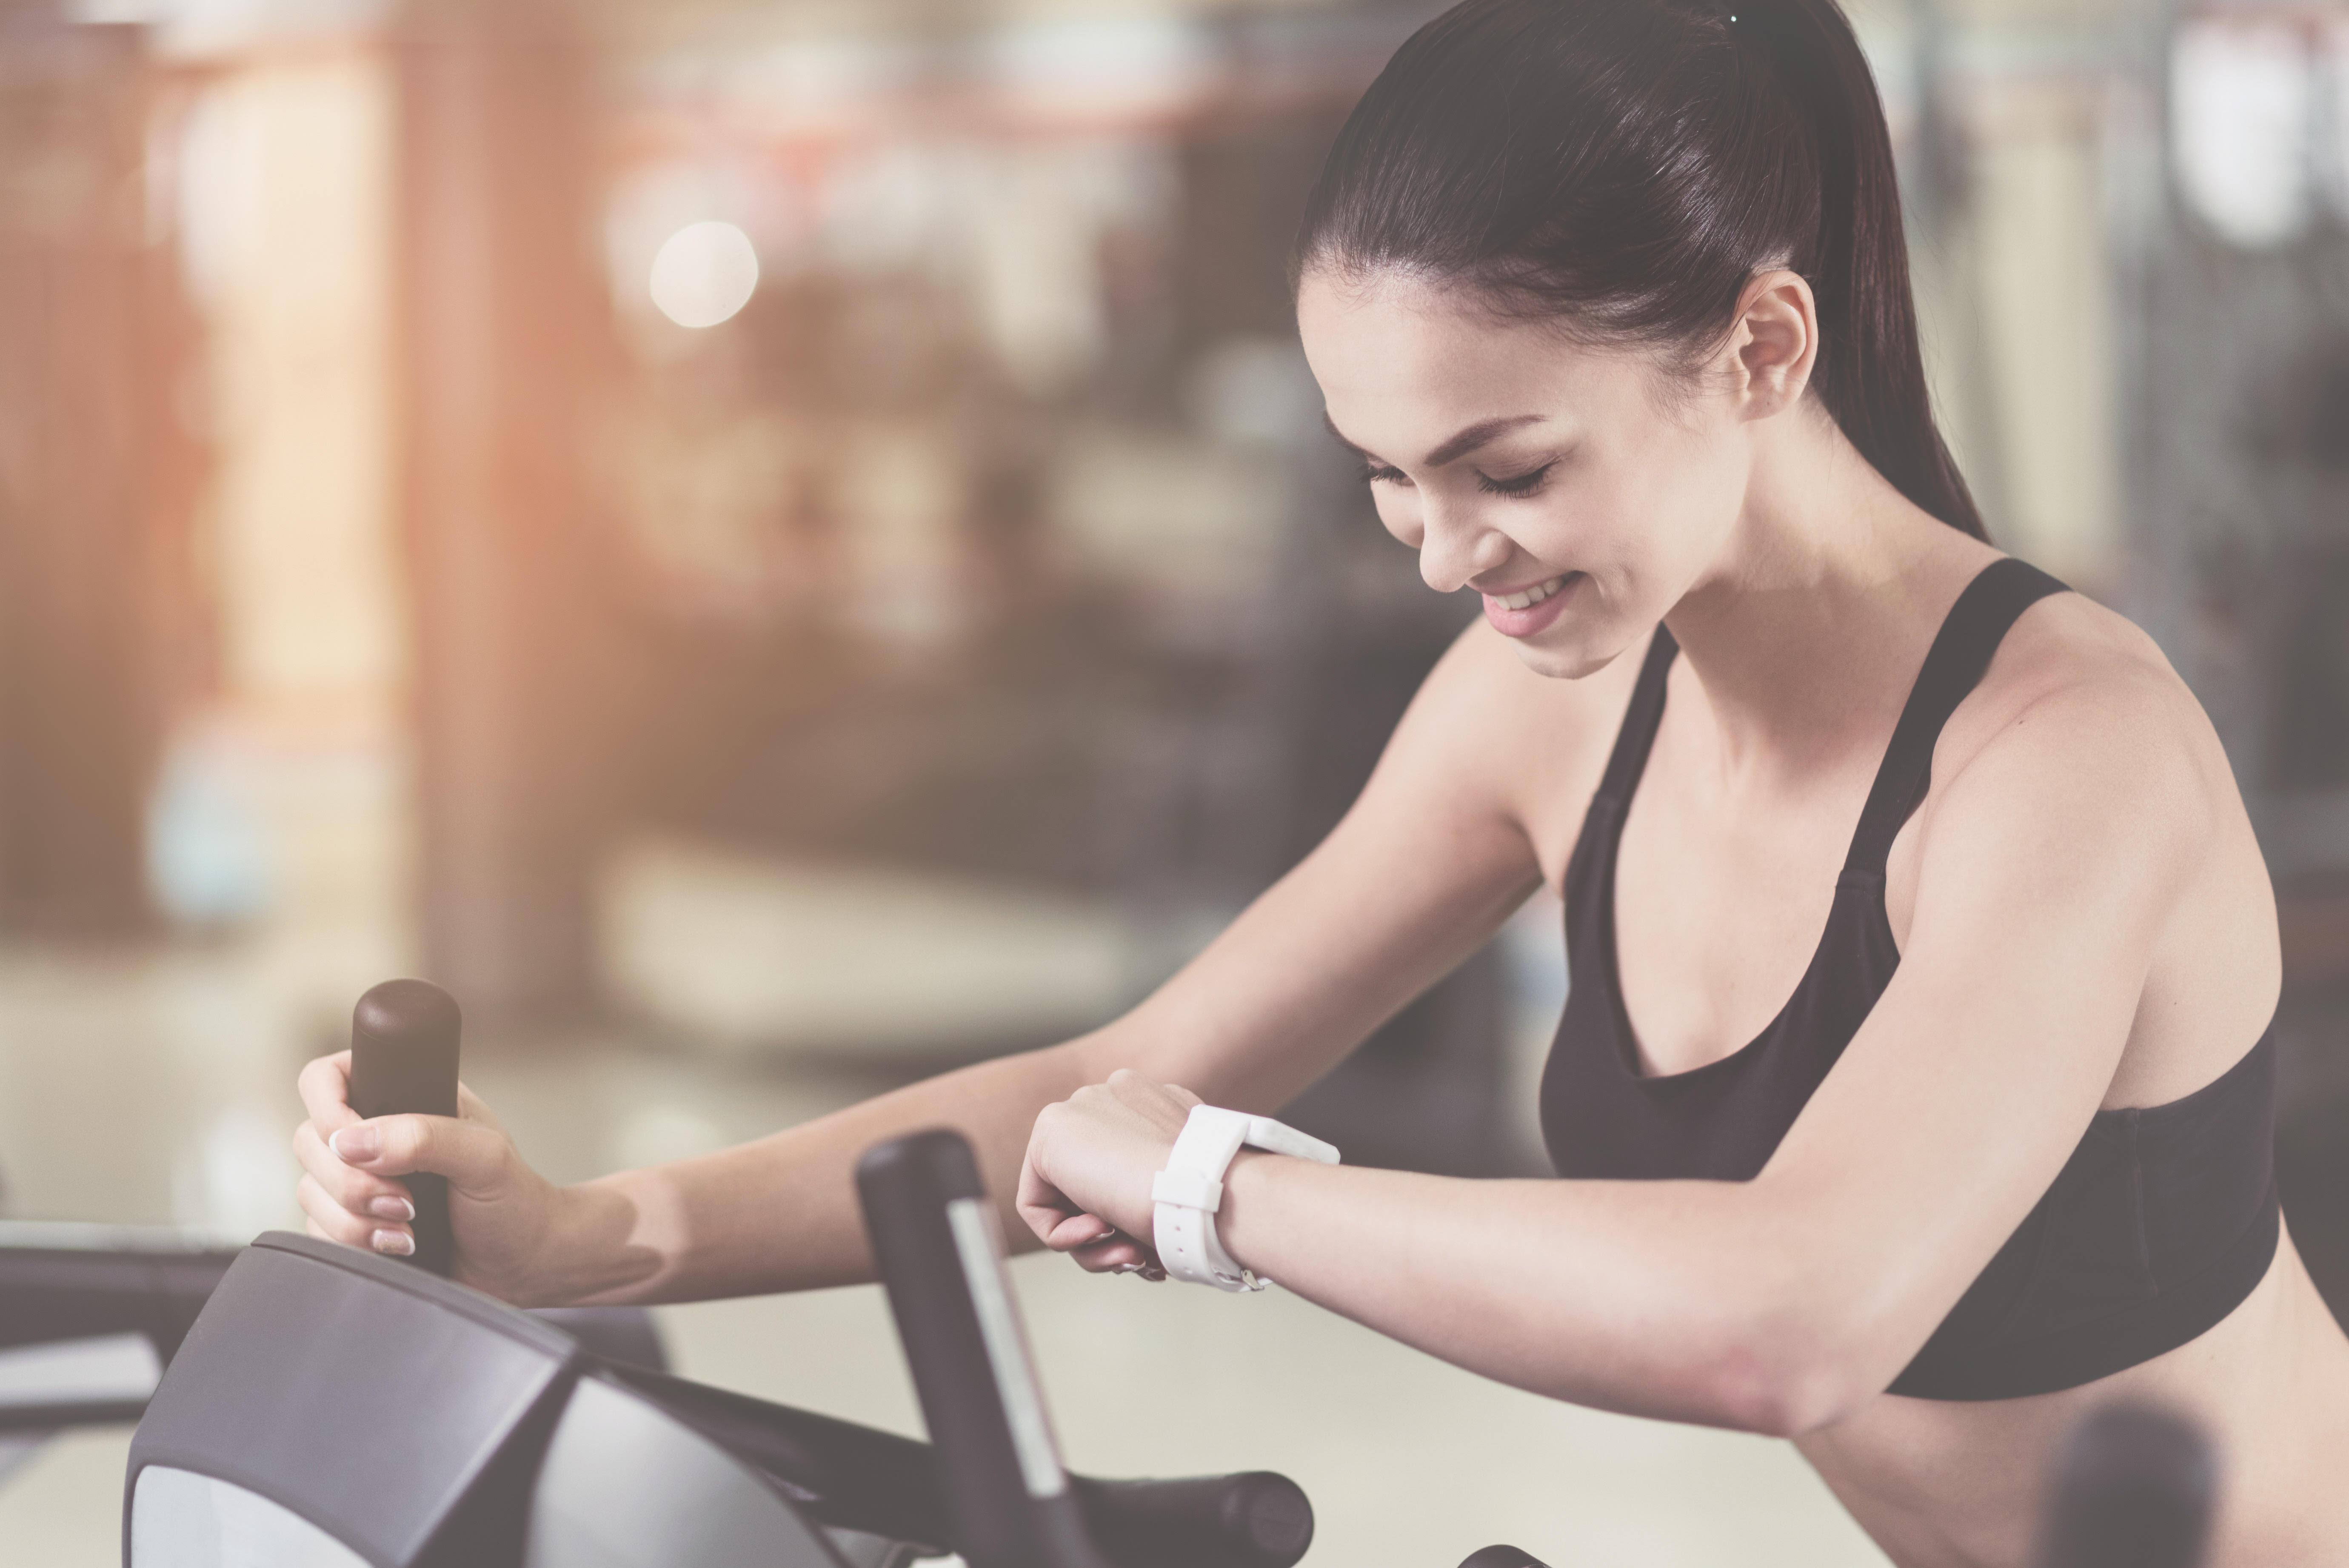 Mladá žena si kontroluje pulz pri cvičení na kardio prístroji